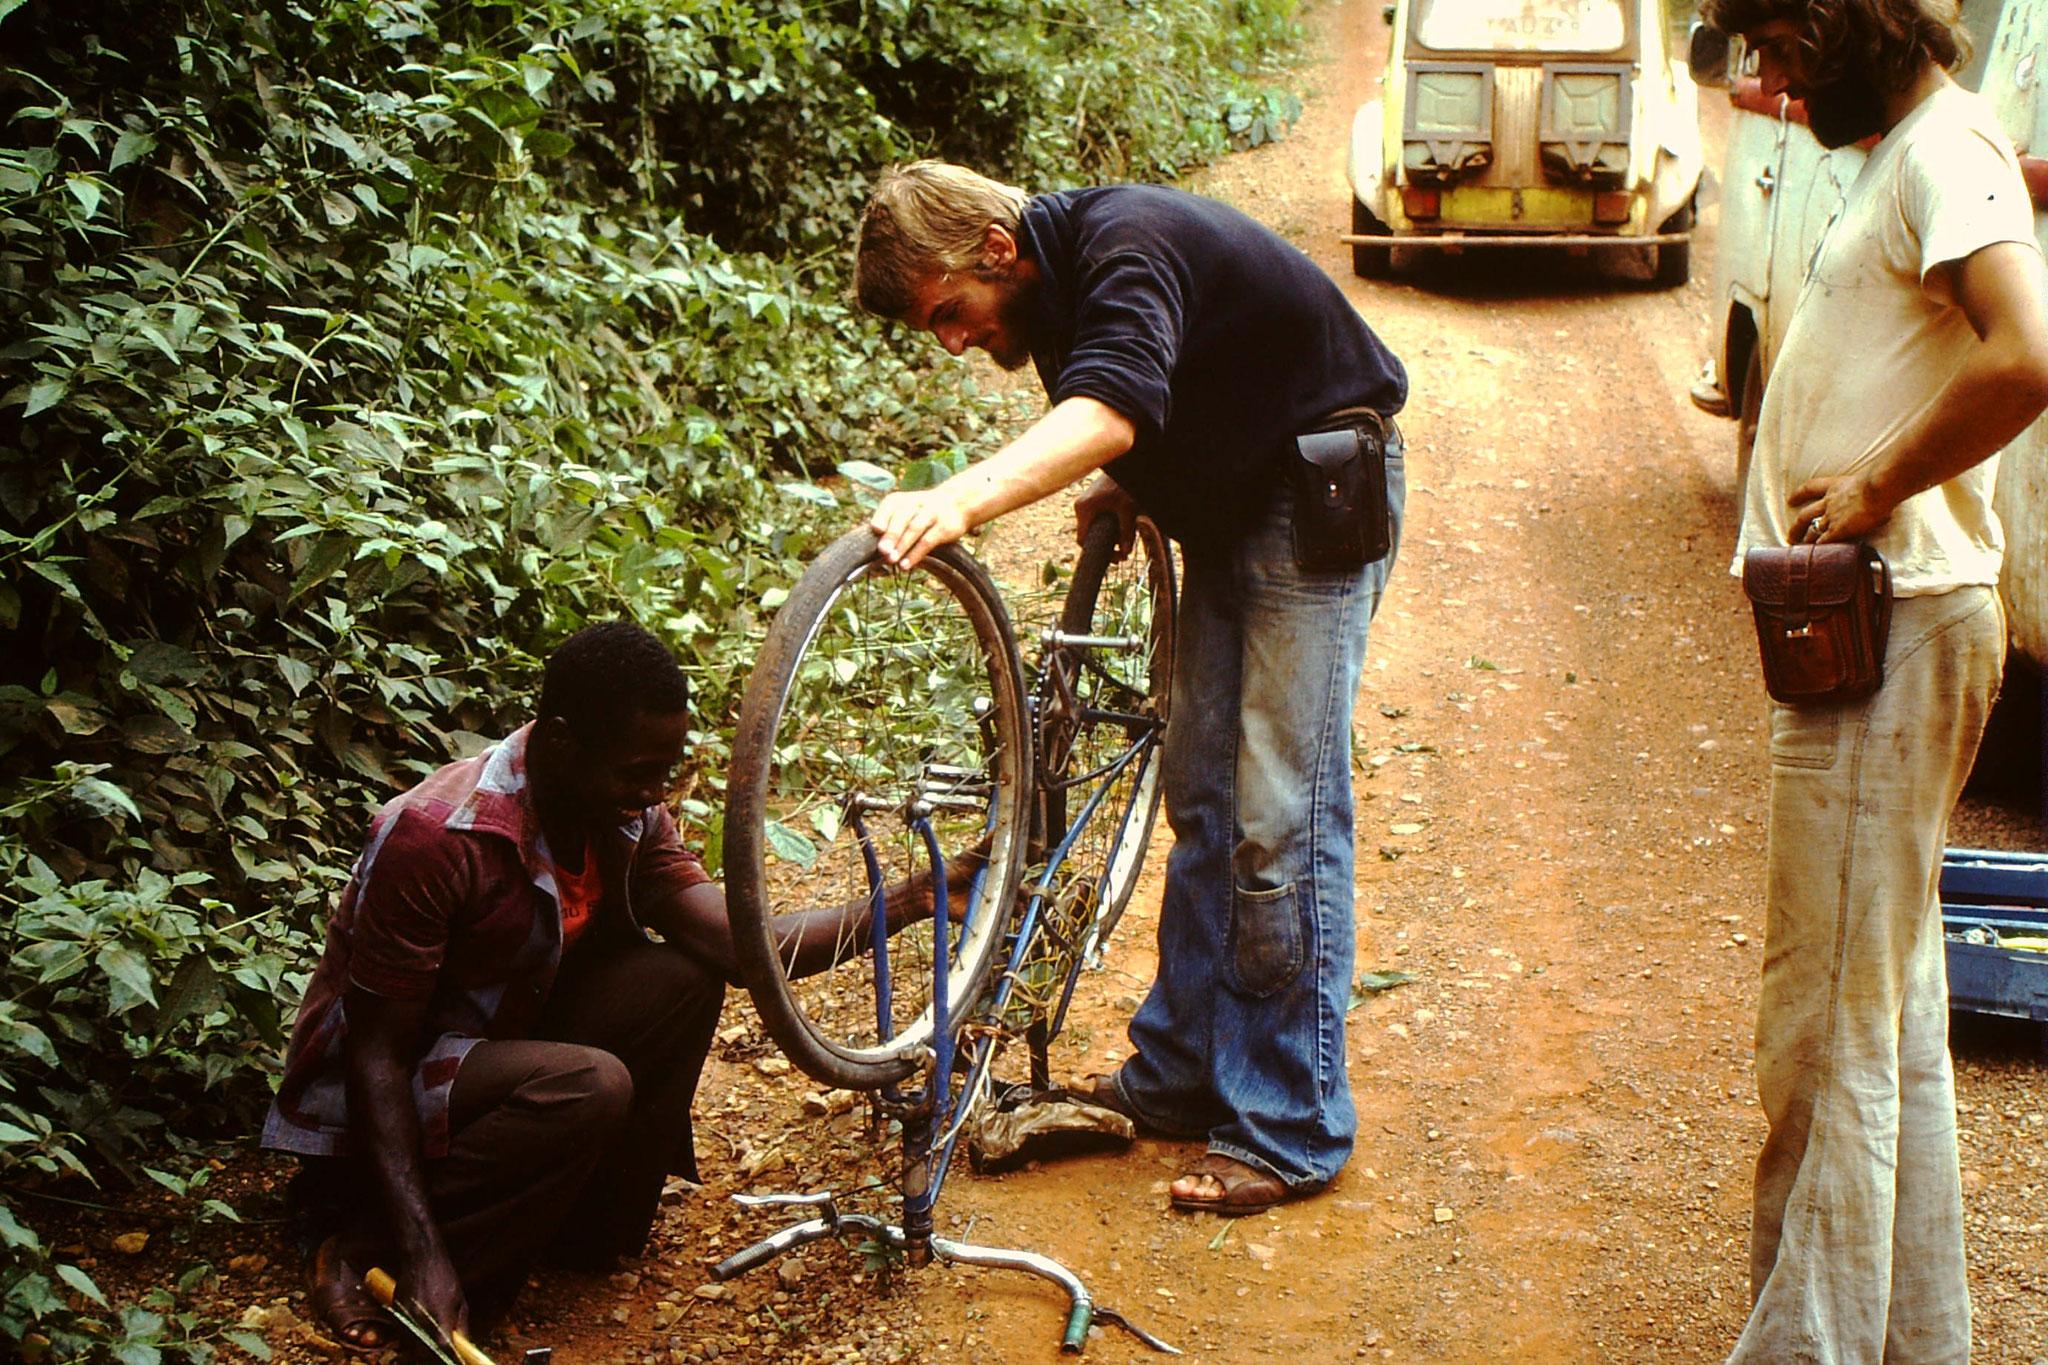 Dieser Fahrradfahrer ist wegen uns in den Busch gefahren. Wir fragten ihn, wieso er nicht bremste. Er antwortete, sein Fahrrad hätte keine Bremsen und normalerweise fahren hier keine Autos. Wir brachten ihn ins nächste Dorf.